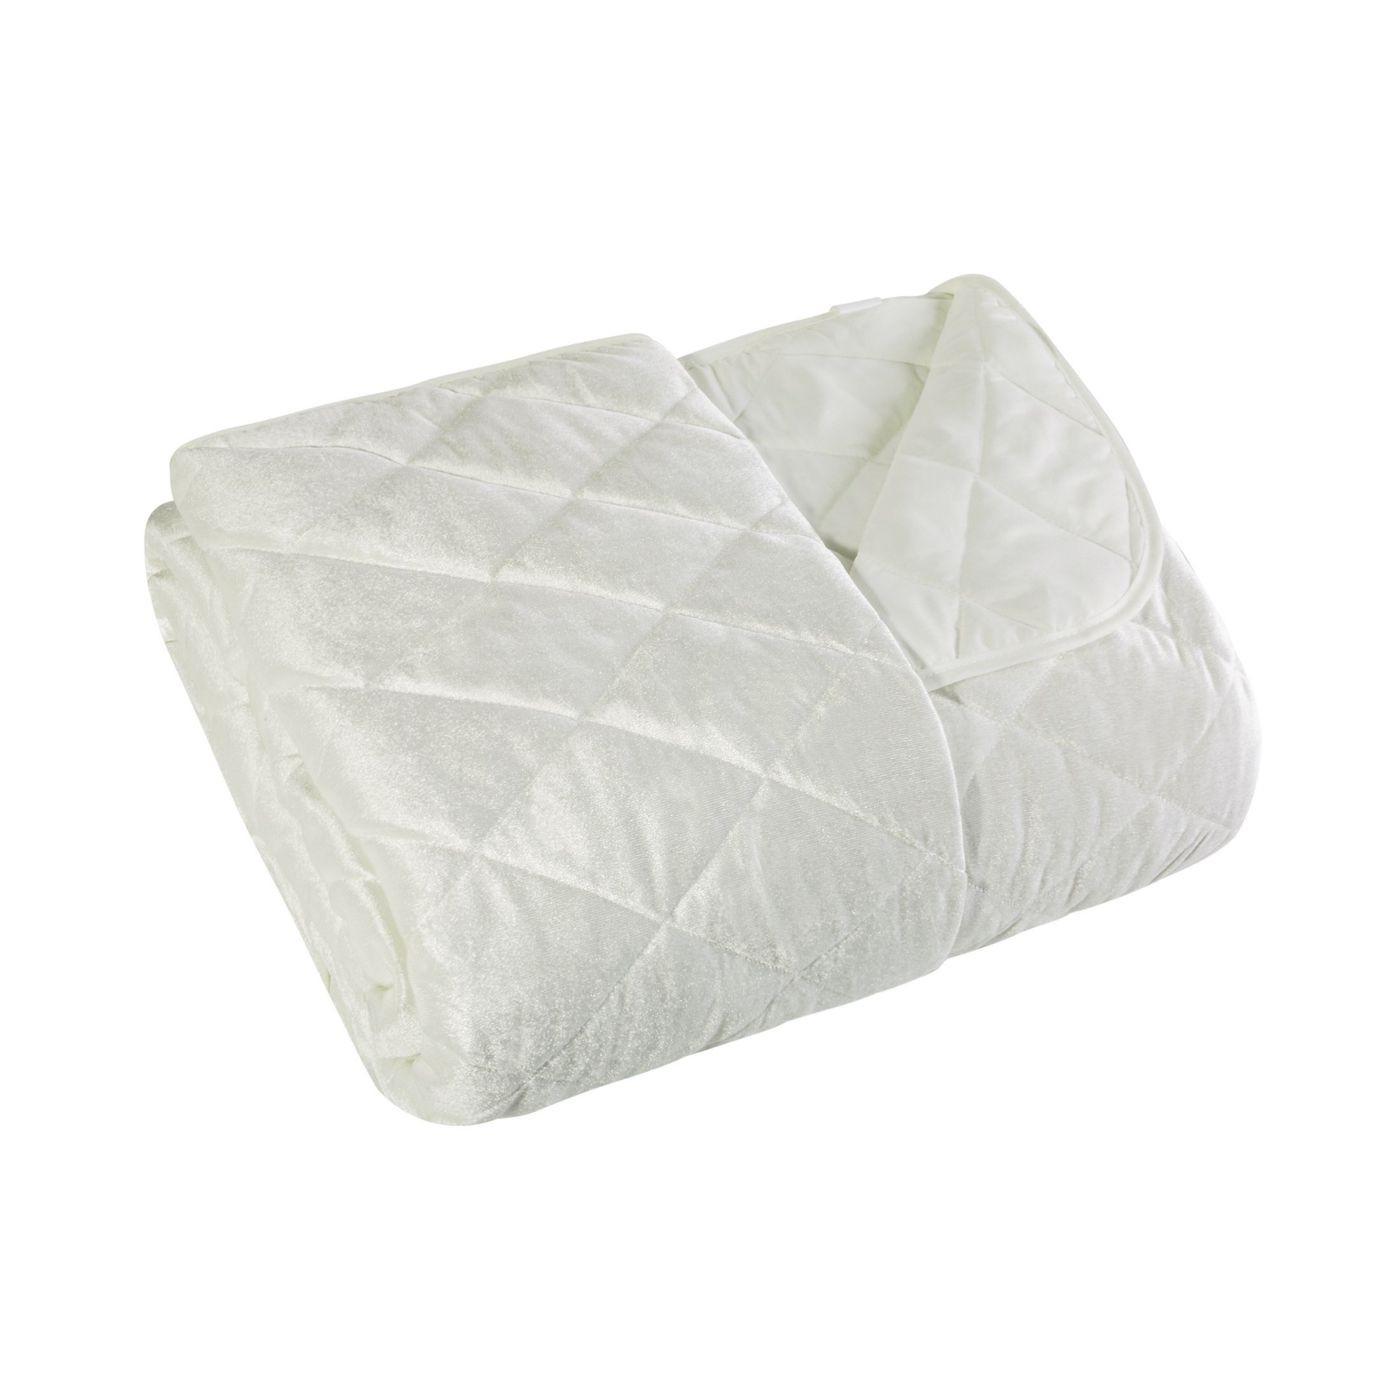 Narzuta na łóżko welwetowa pikowana 170x210 cm kremowa